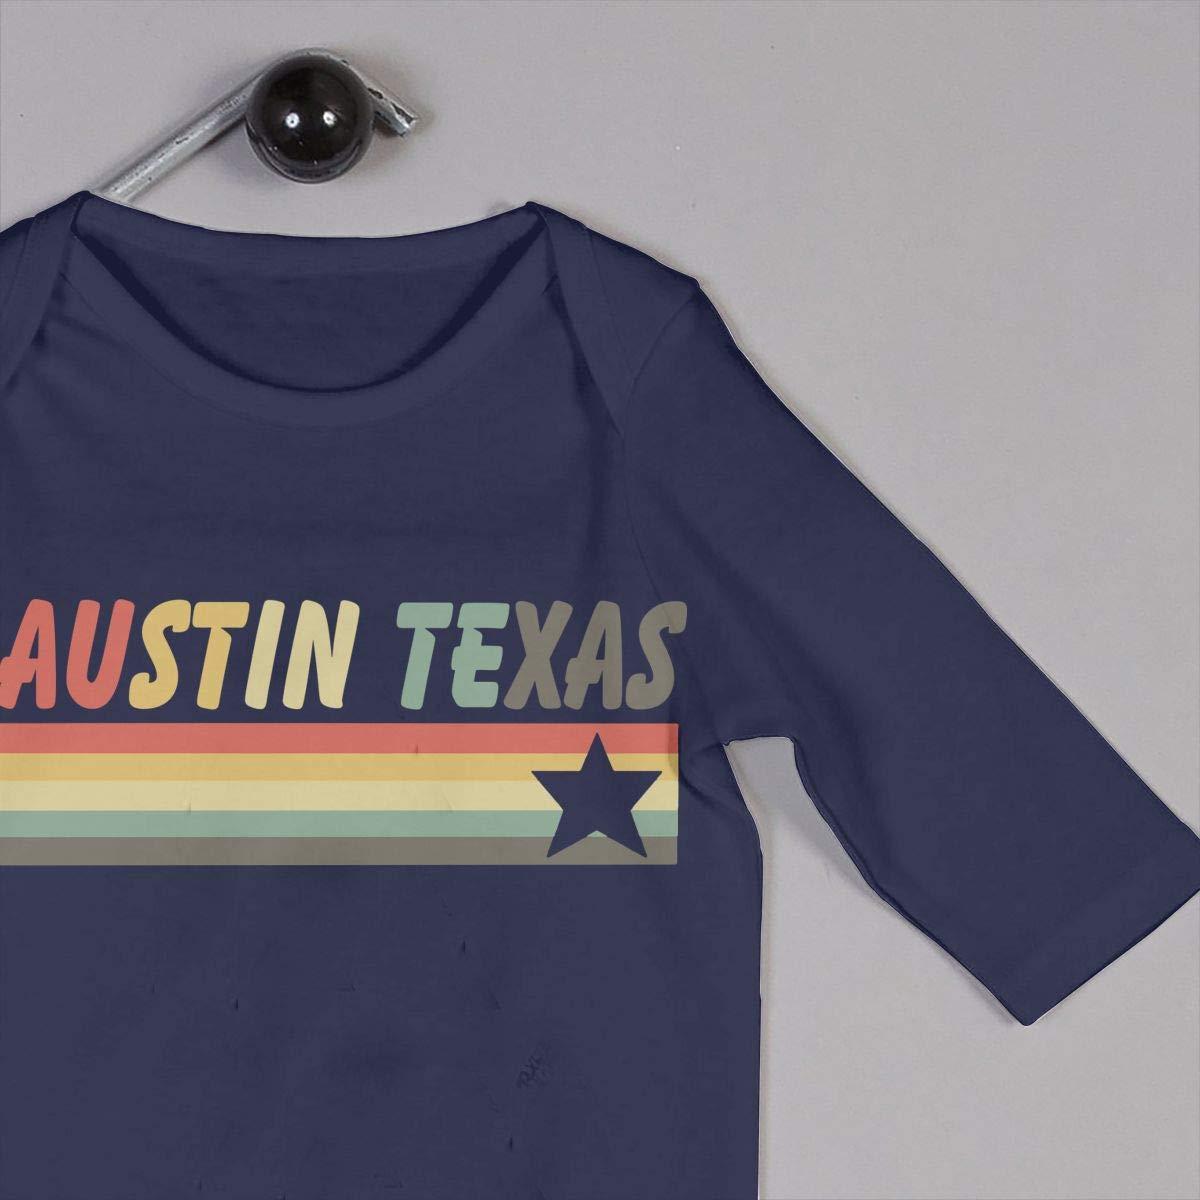 TYLER DEAN Newborn Baby Bodysuits Austin Texas Baby Rompers